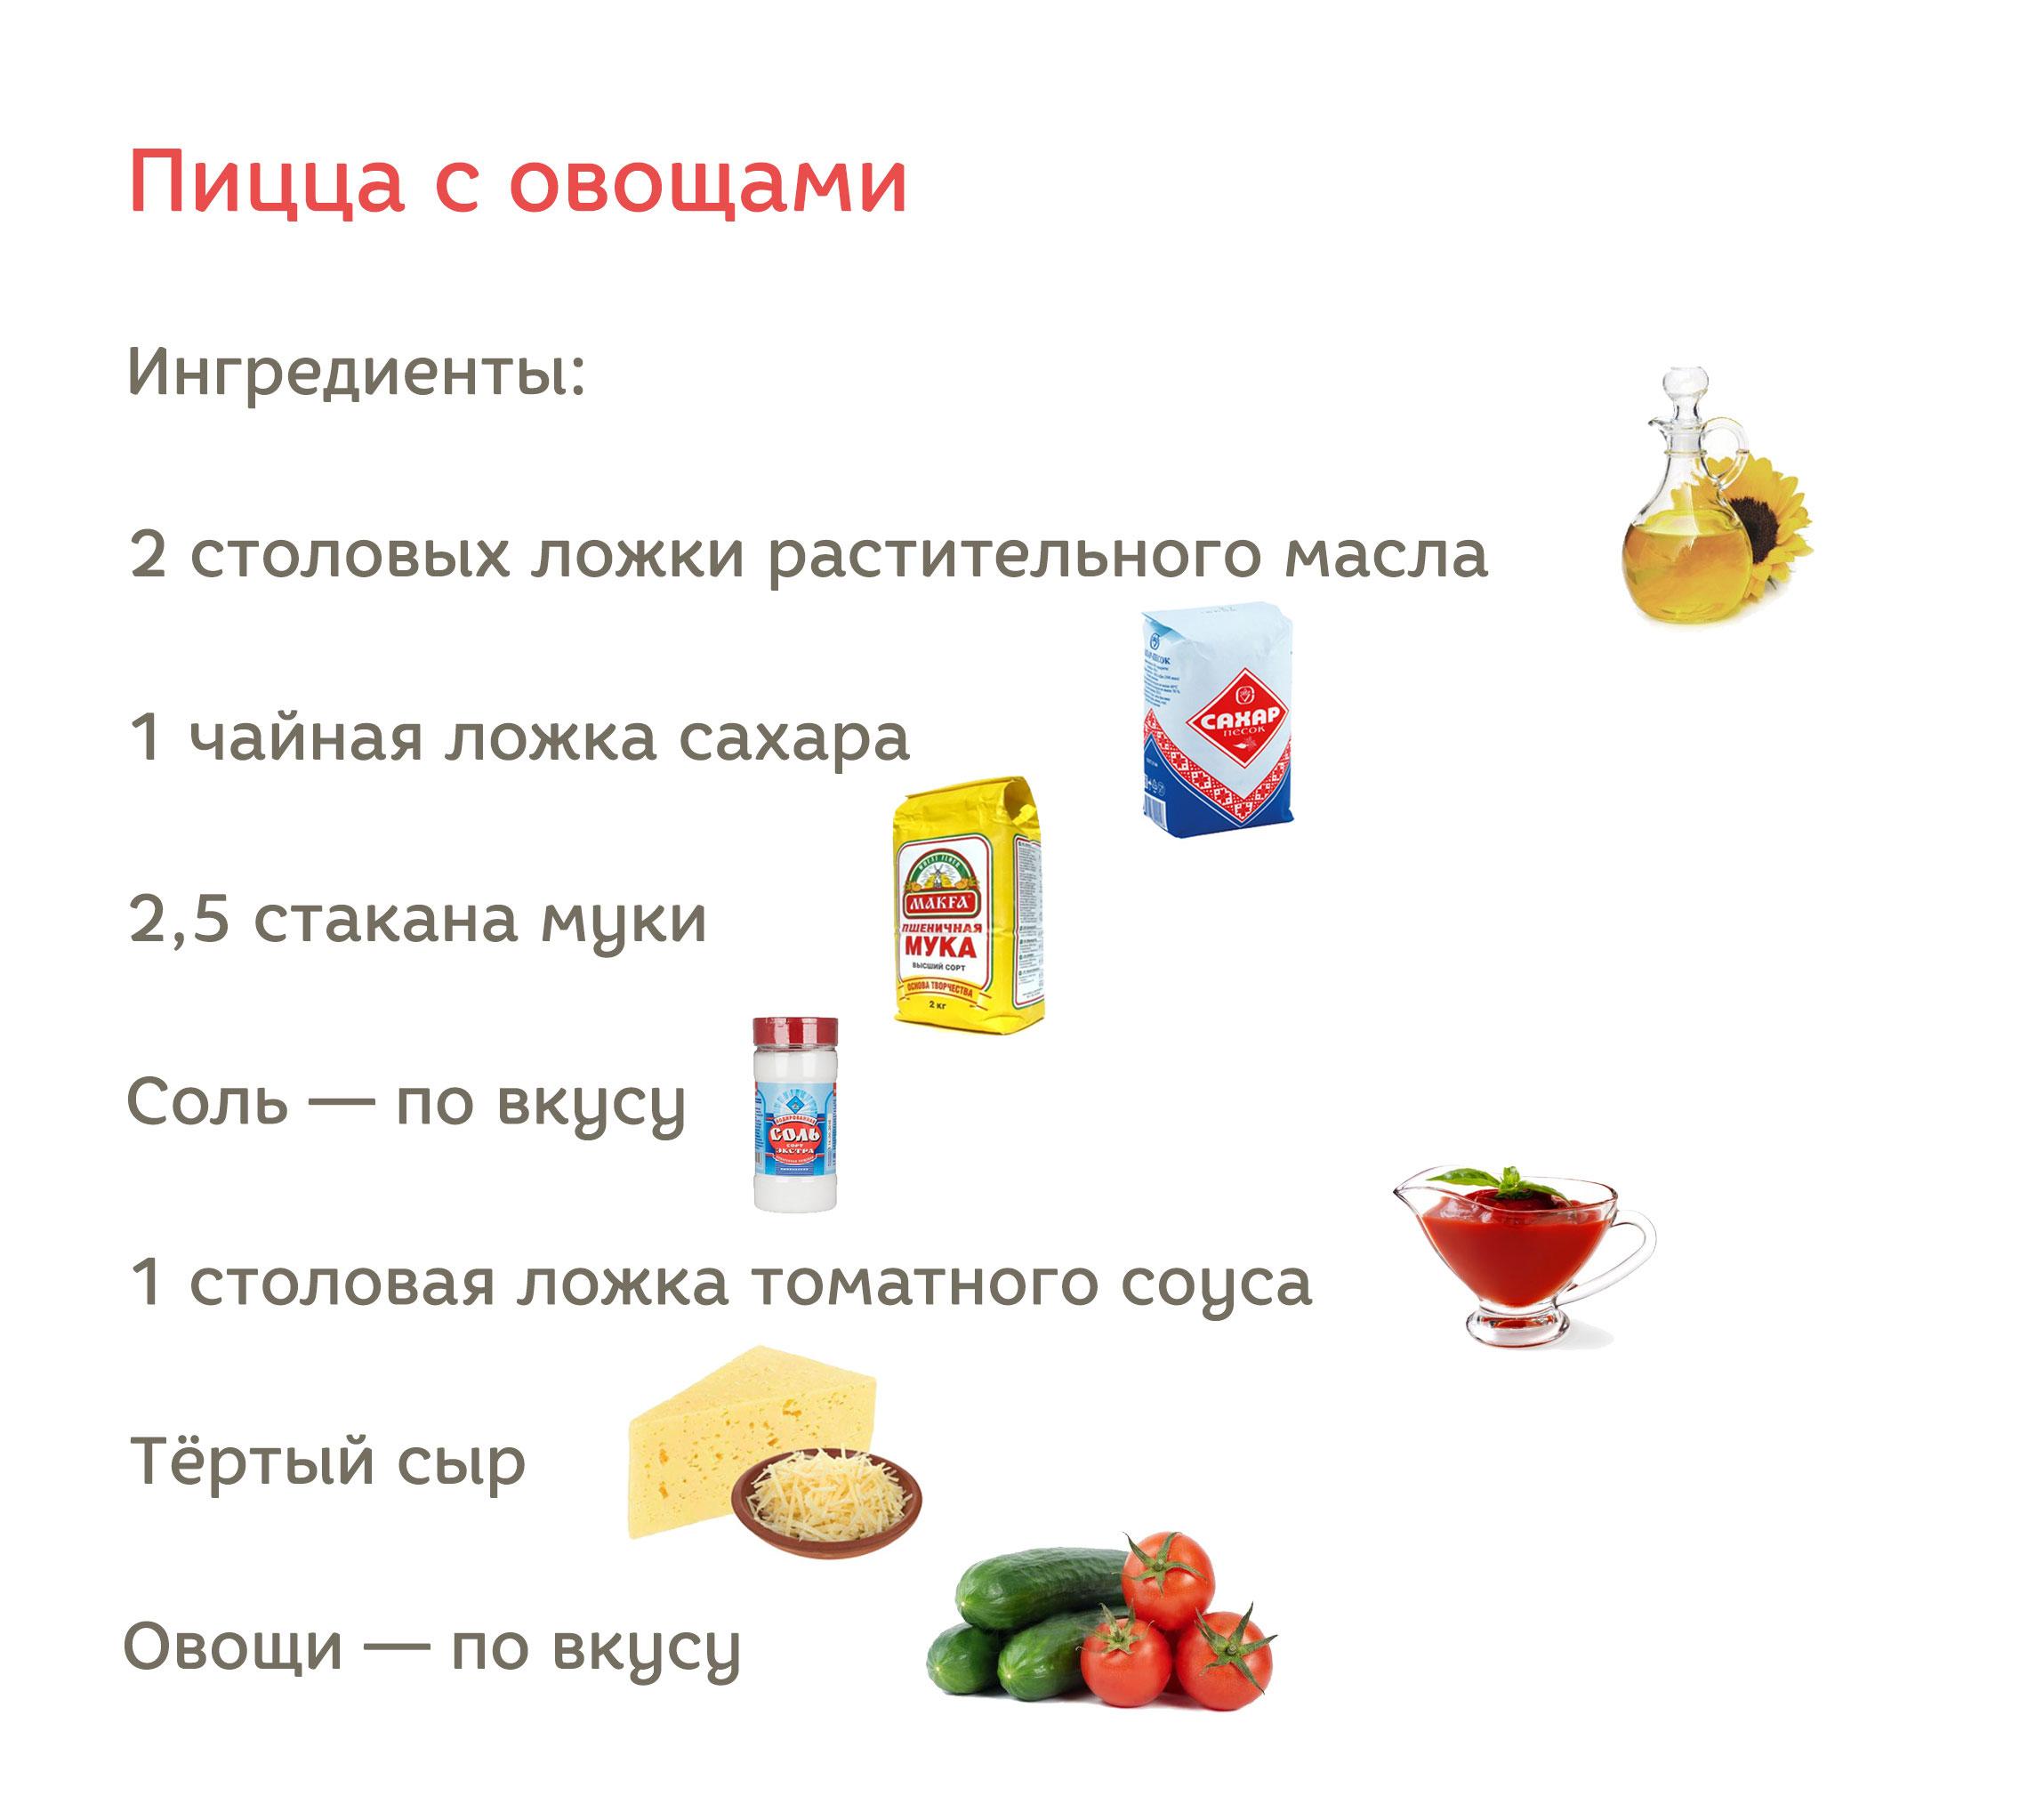 Рецепт который может приготовить 10 летний ребенок